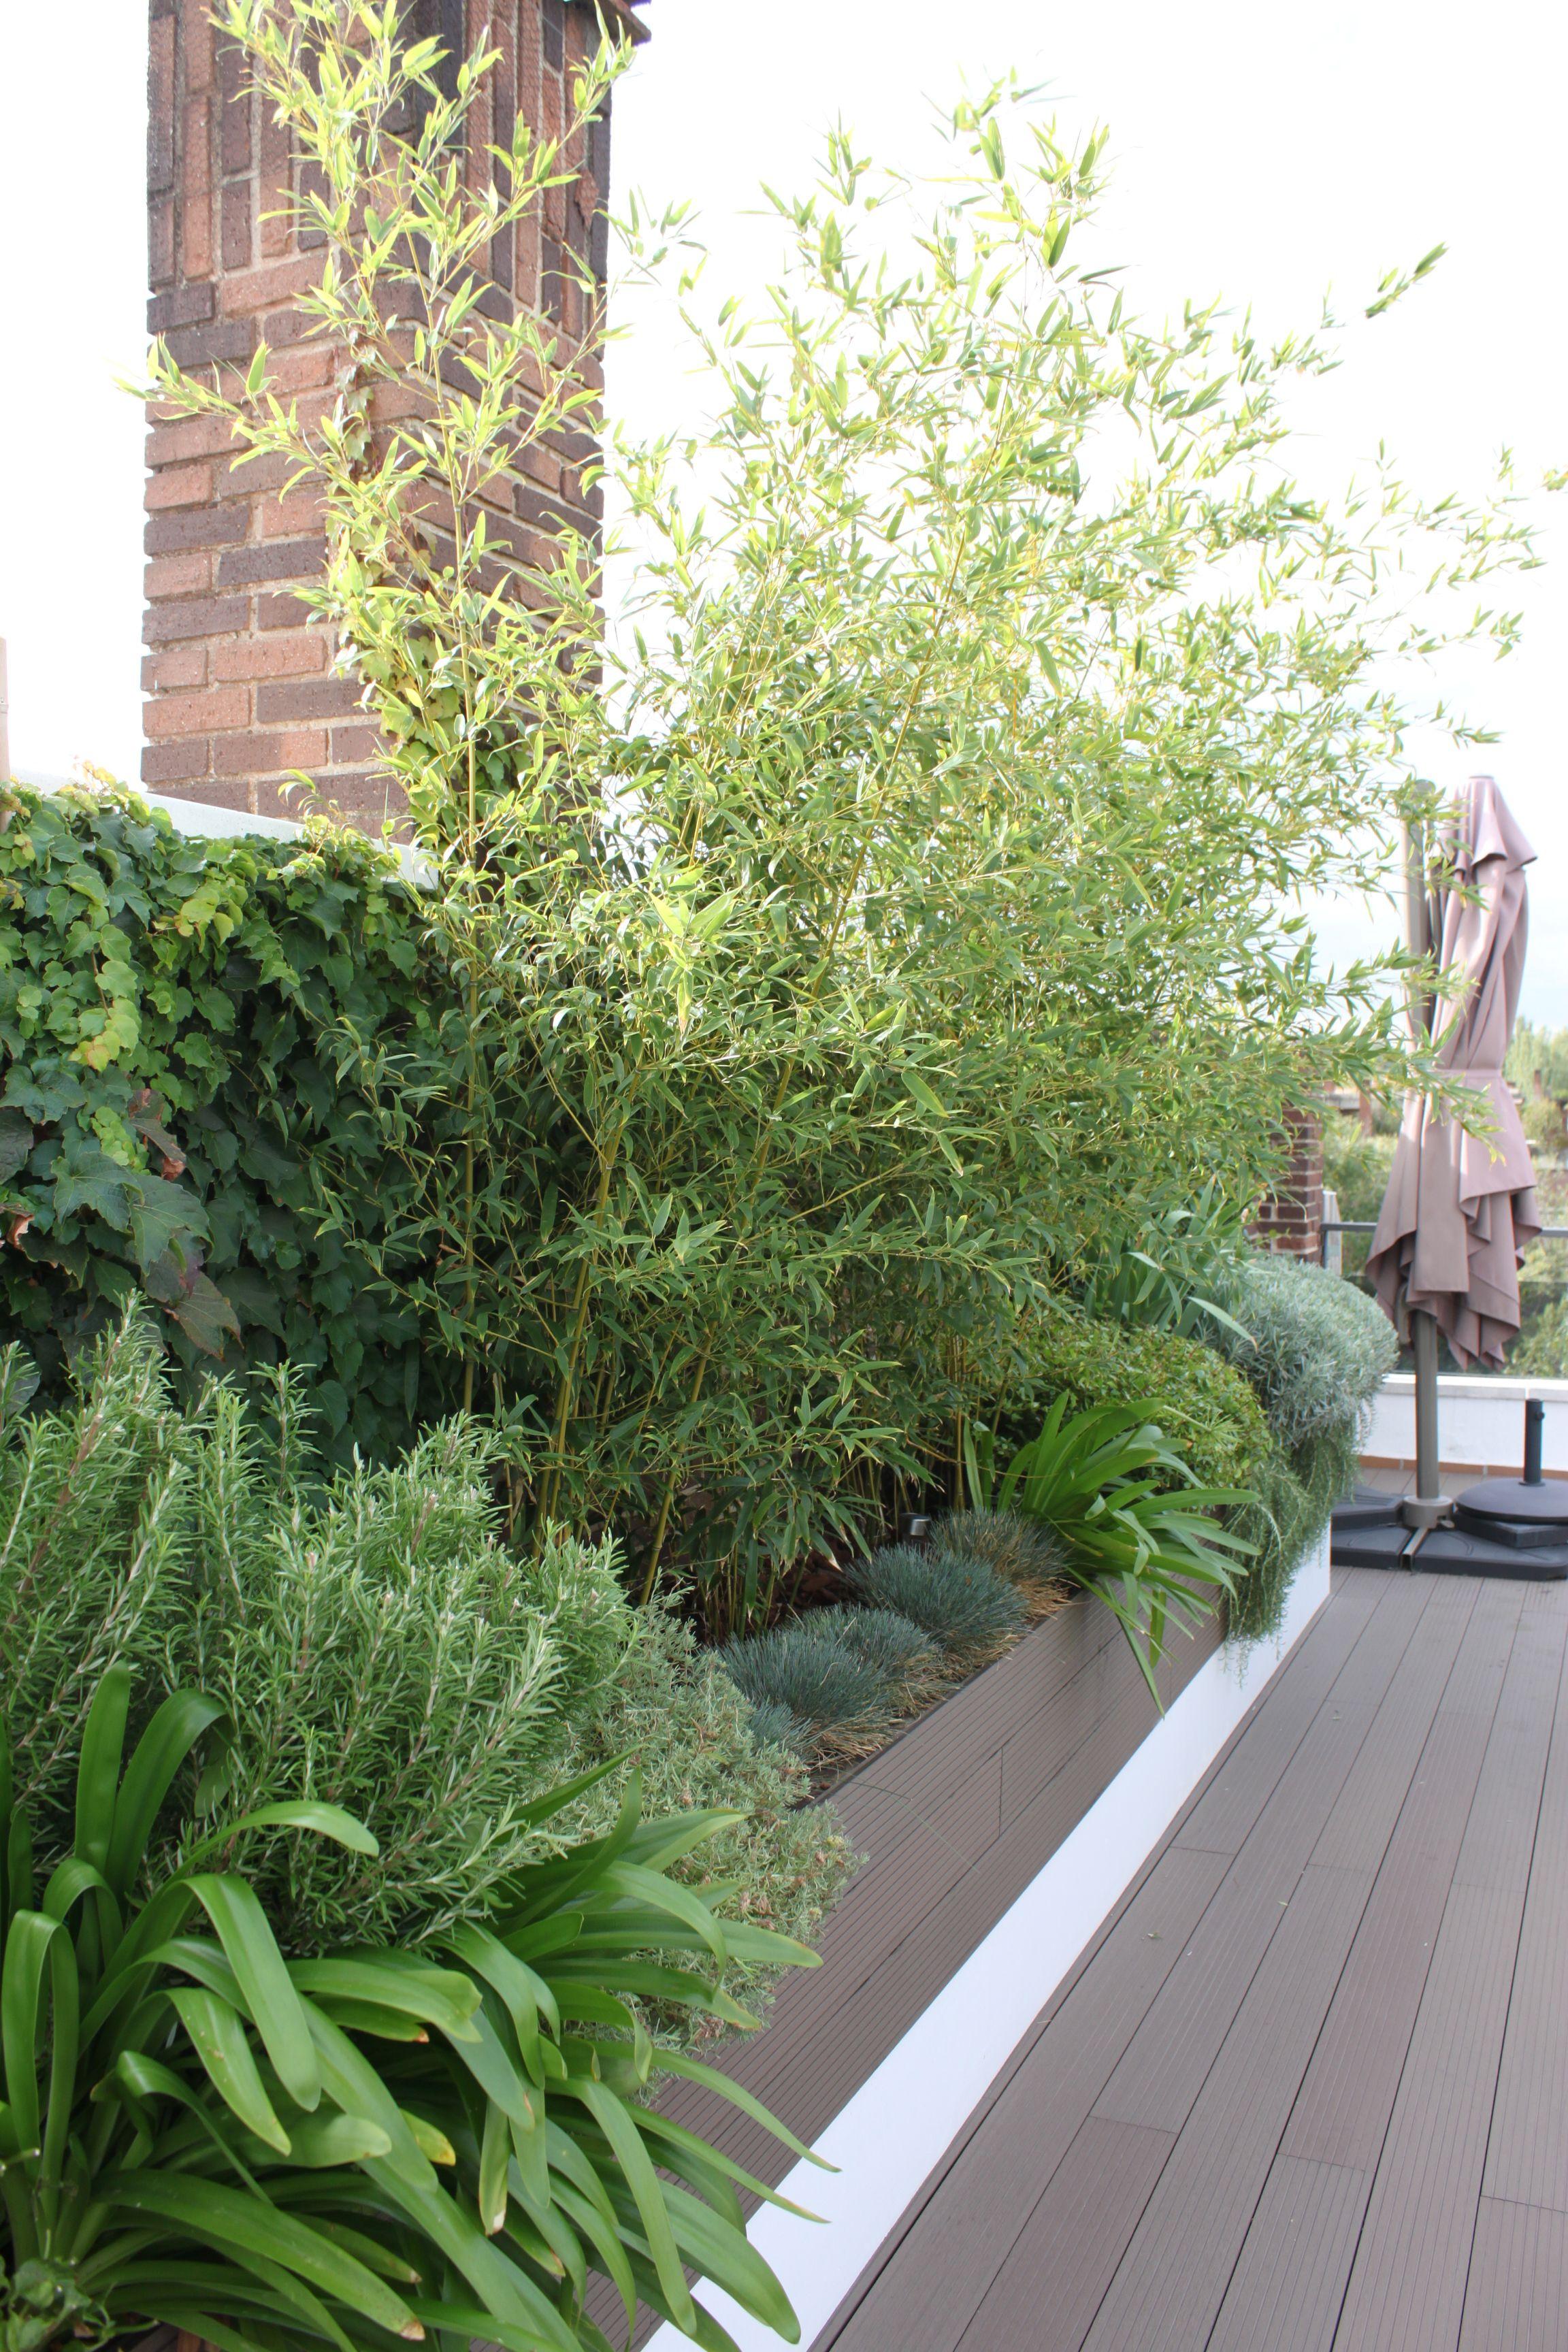 Jardin en atico paisajismo jardines la habitacion verde - Jardines en aticos ...